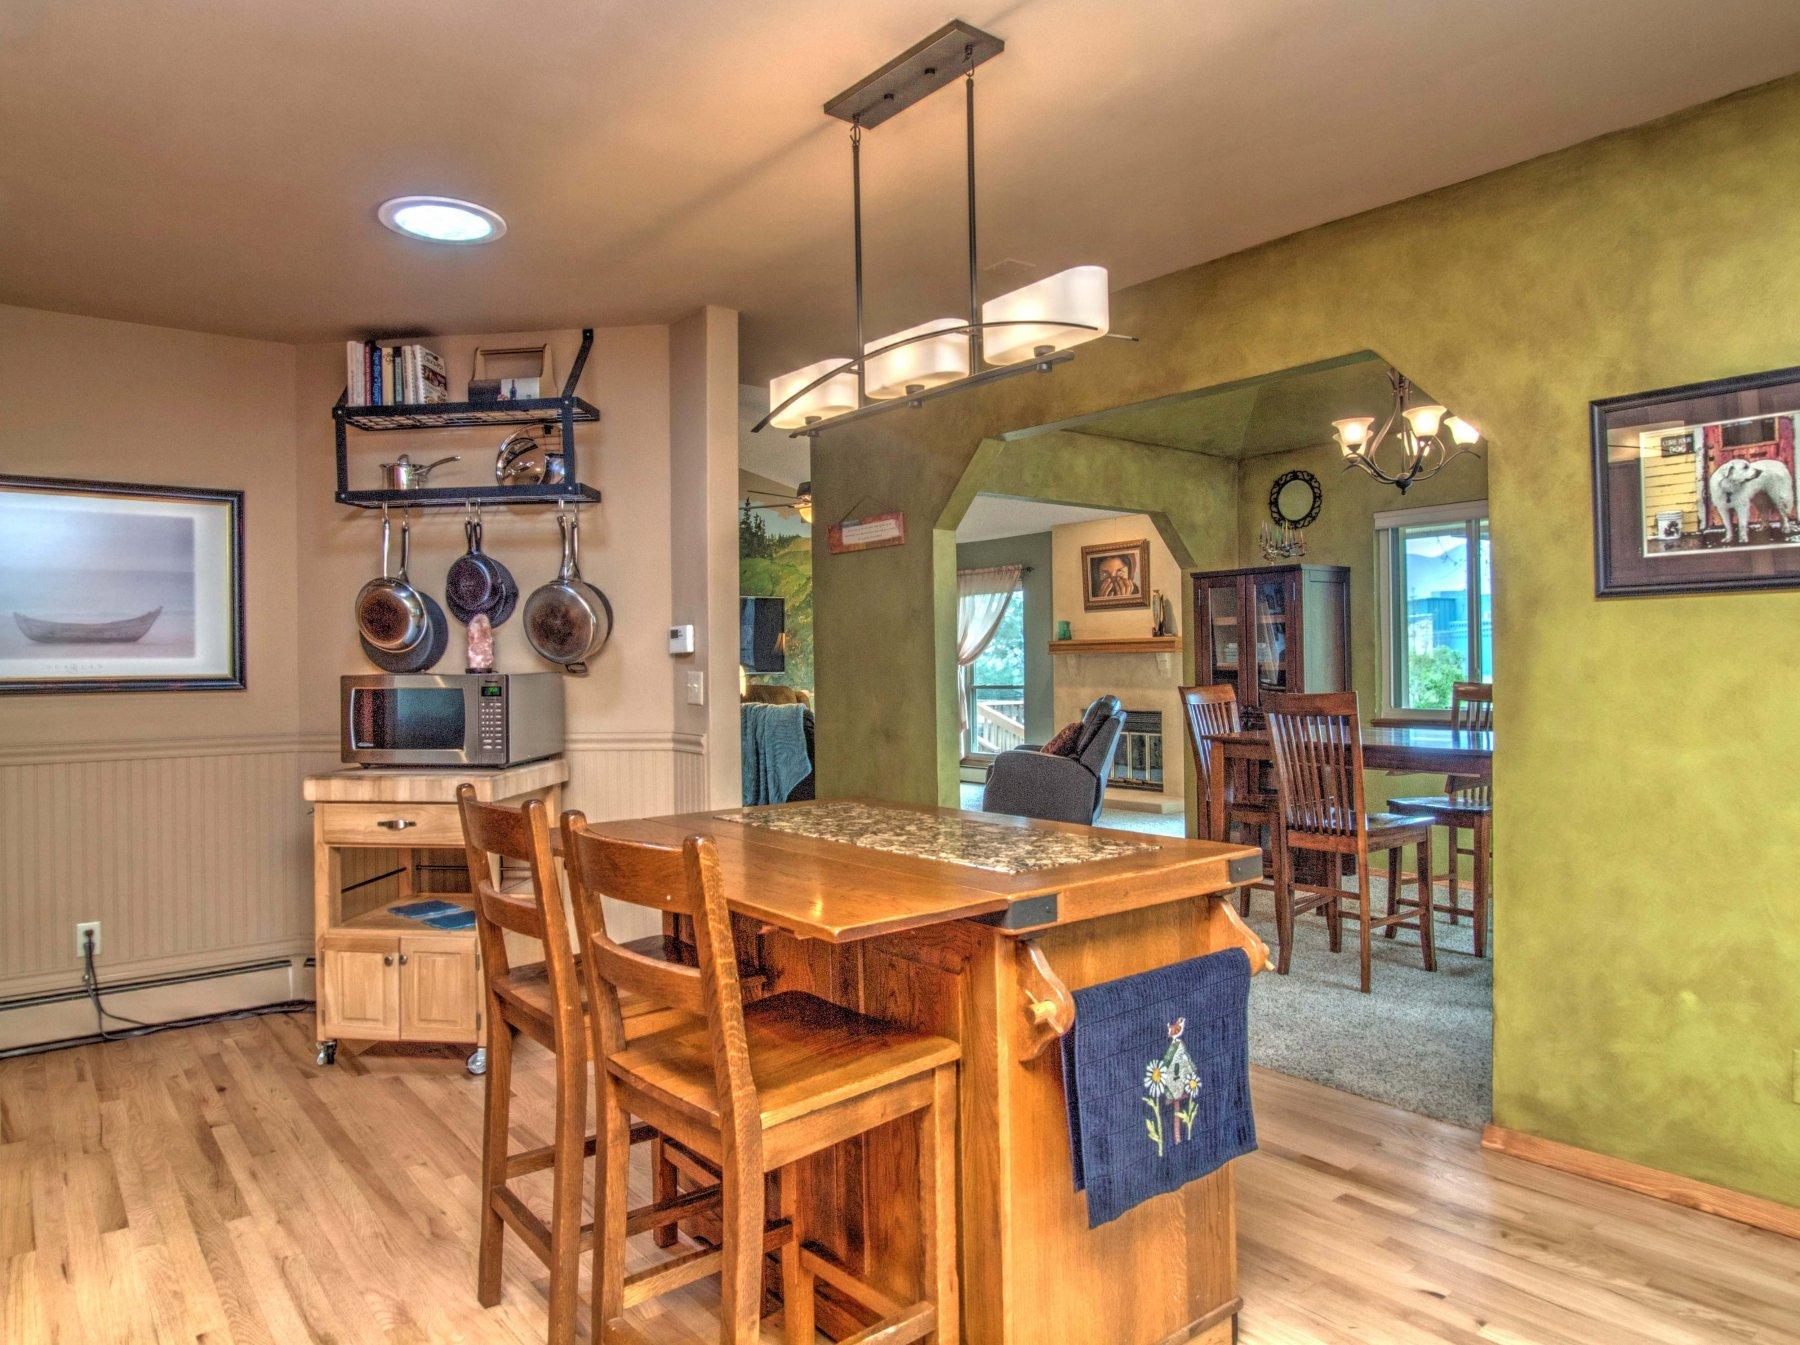 15-1619-Kitchen4.jpg